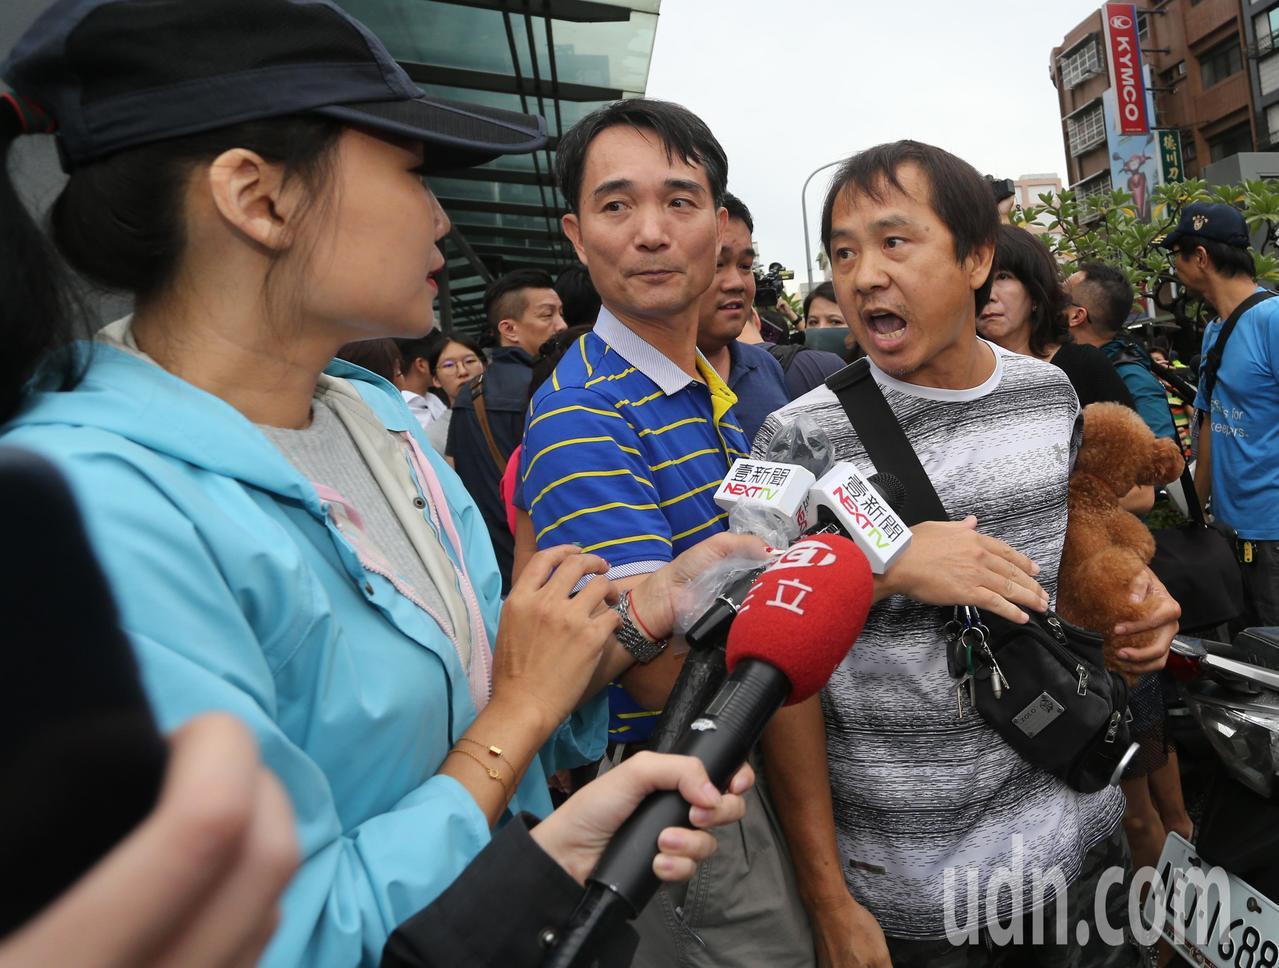 高雄市長韓國瑜今天下午臨時安排行程,到苓雅區一棟大樓察看地下室淹水情況,民眾抗議...